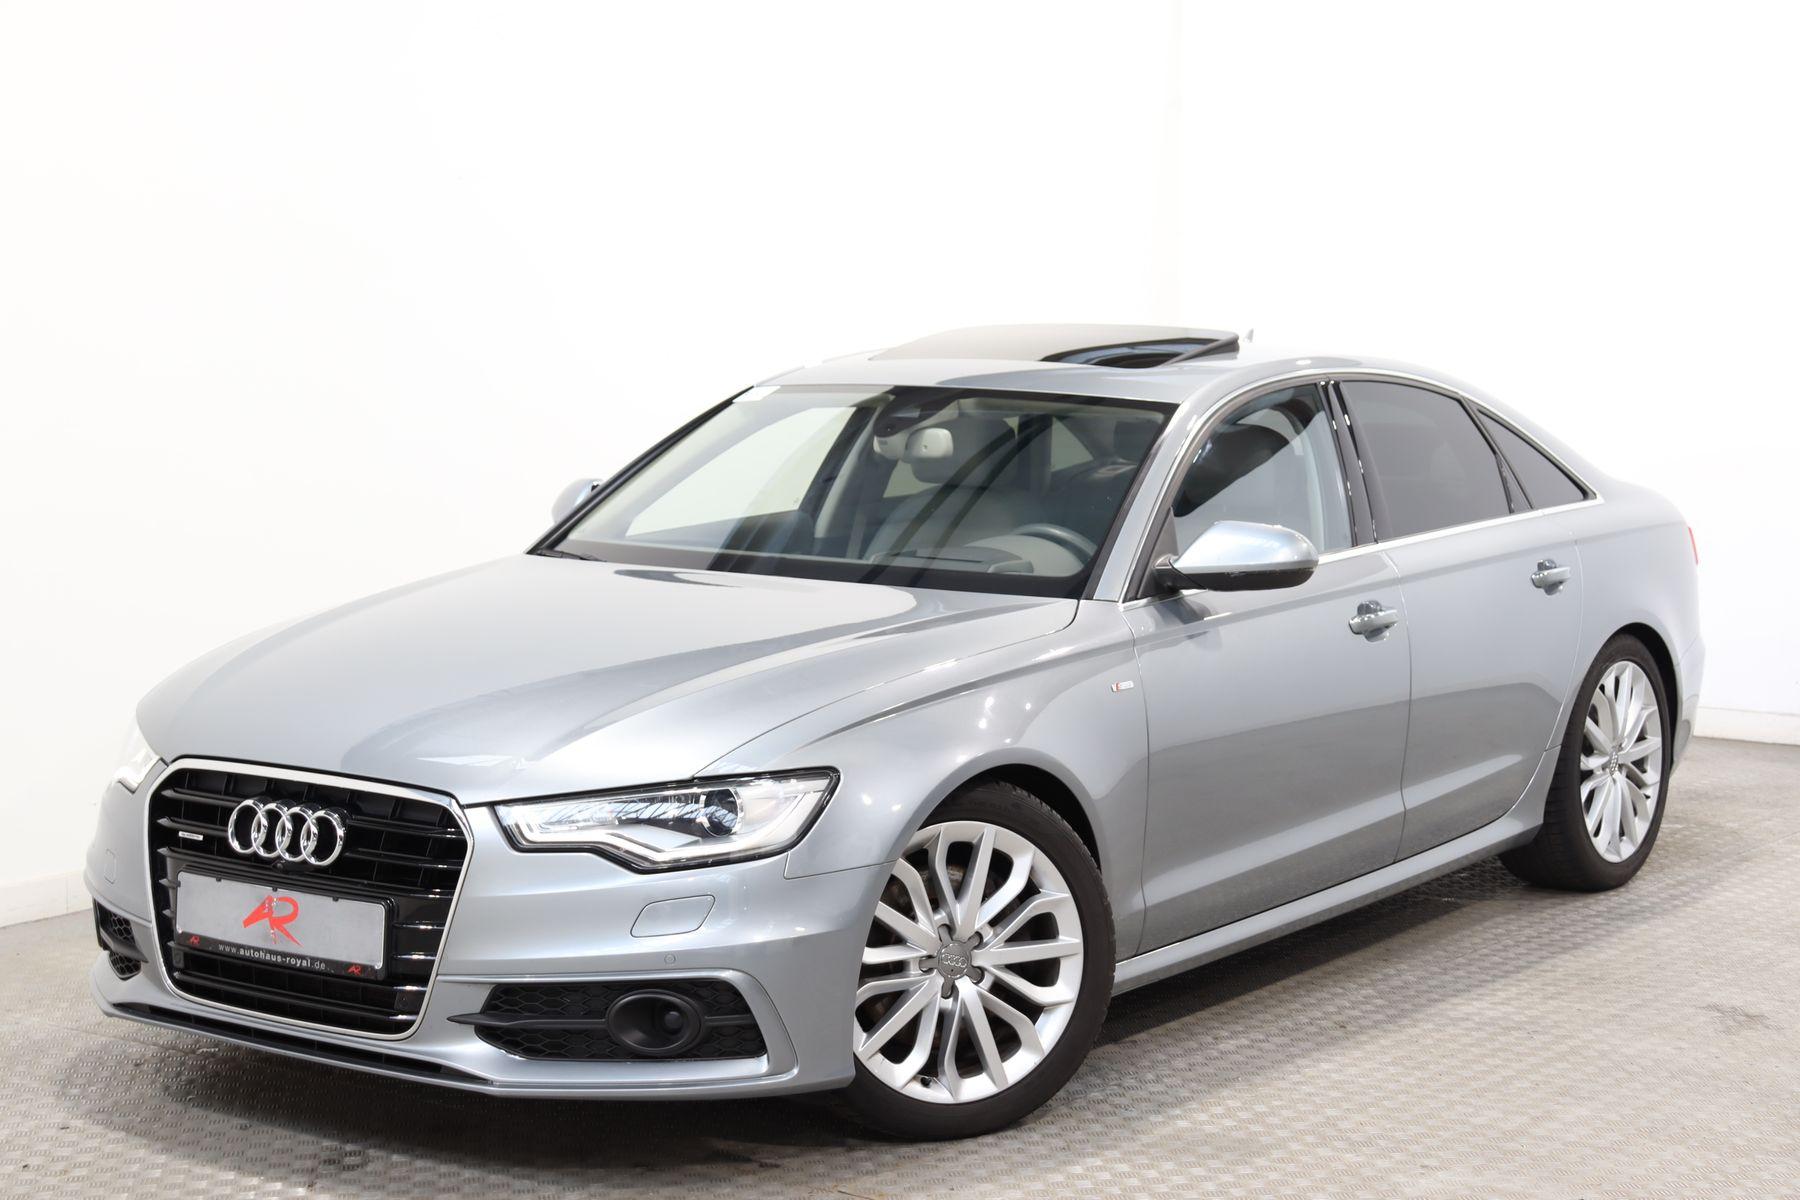 Audi A6 3.0 TDI qu S LINE STANDHEIZ.,NACHTSICHT,HUD, Jahr 2014, Diesel